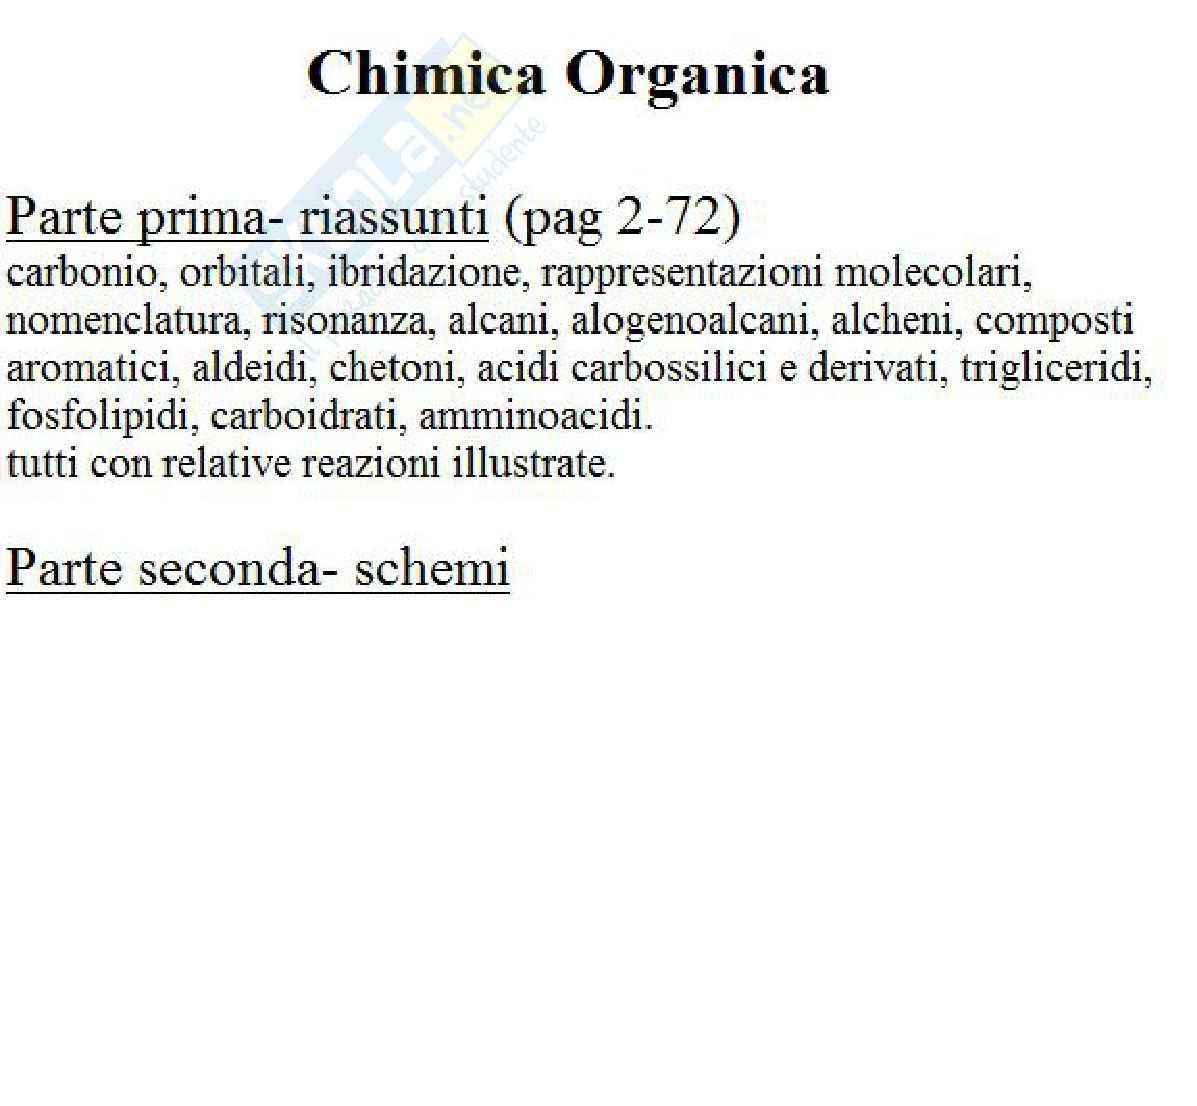 Riassunto esame Chimica Organica, prof. Guarna